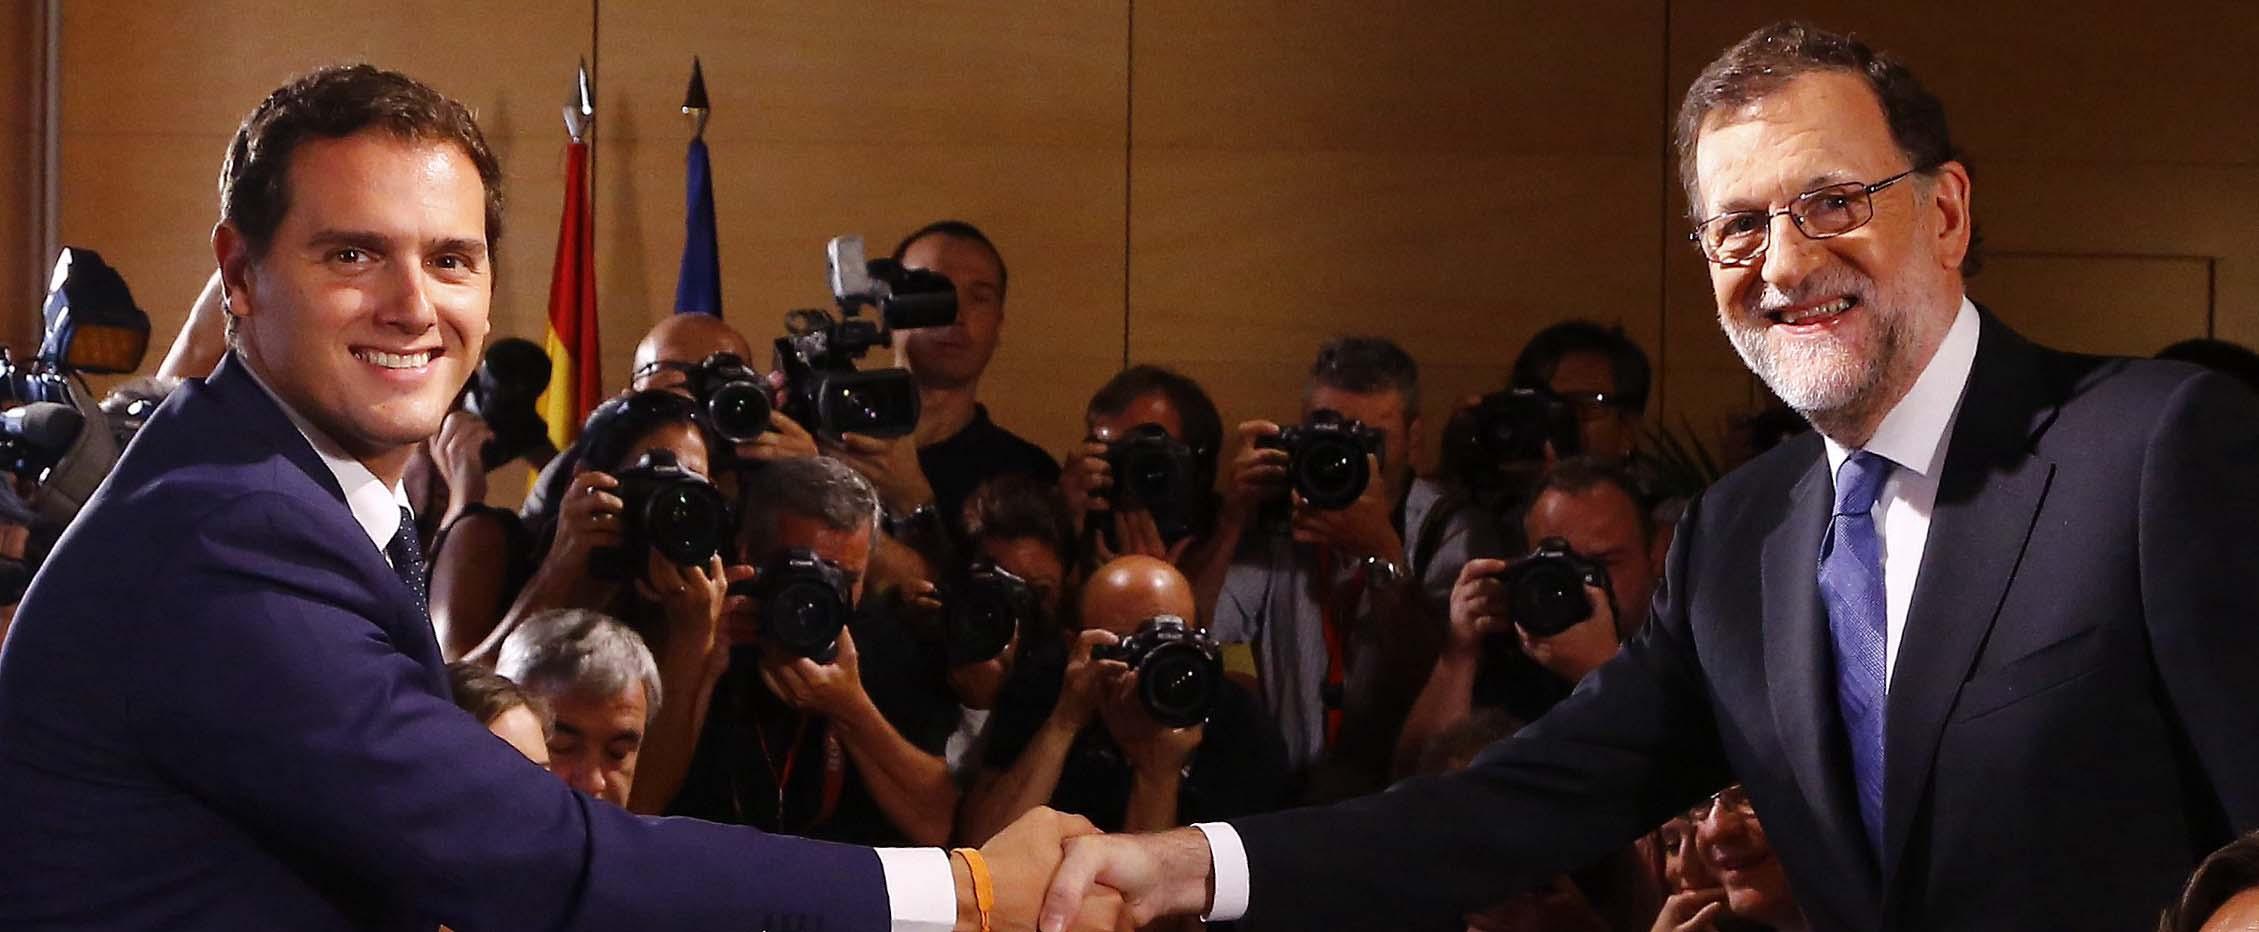 Rajoy y Rivera tratan de atrapar a S�nchez con un reguero de medidas sociales